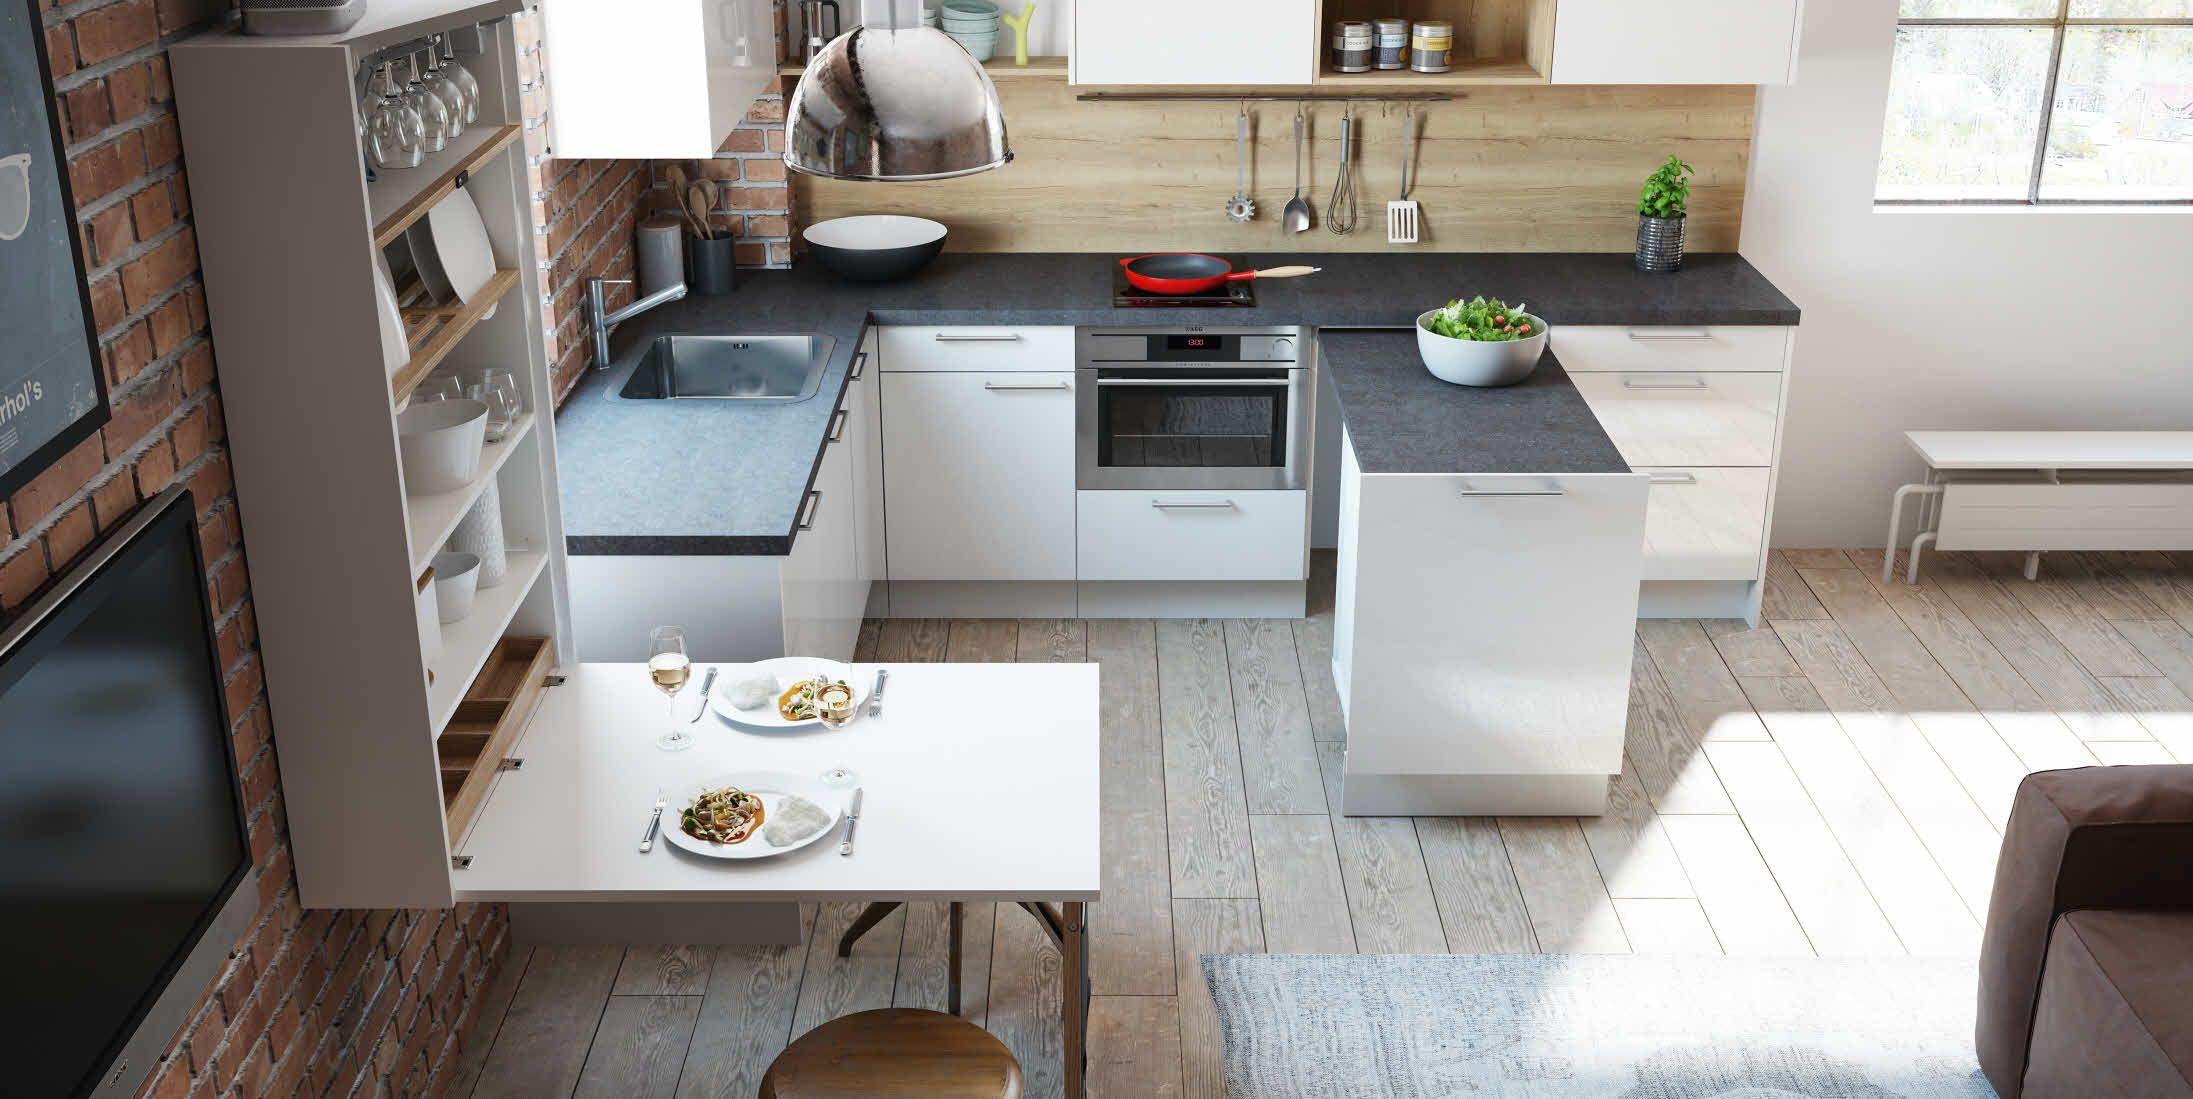 kleine küche optimal nutzen   jtleigh - hausgestaltung ideen